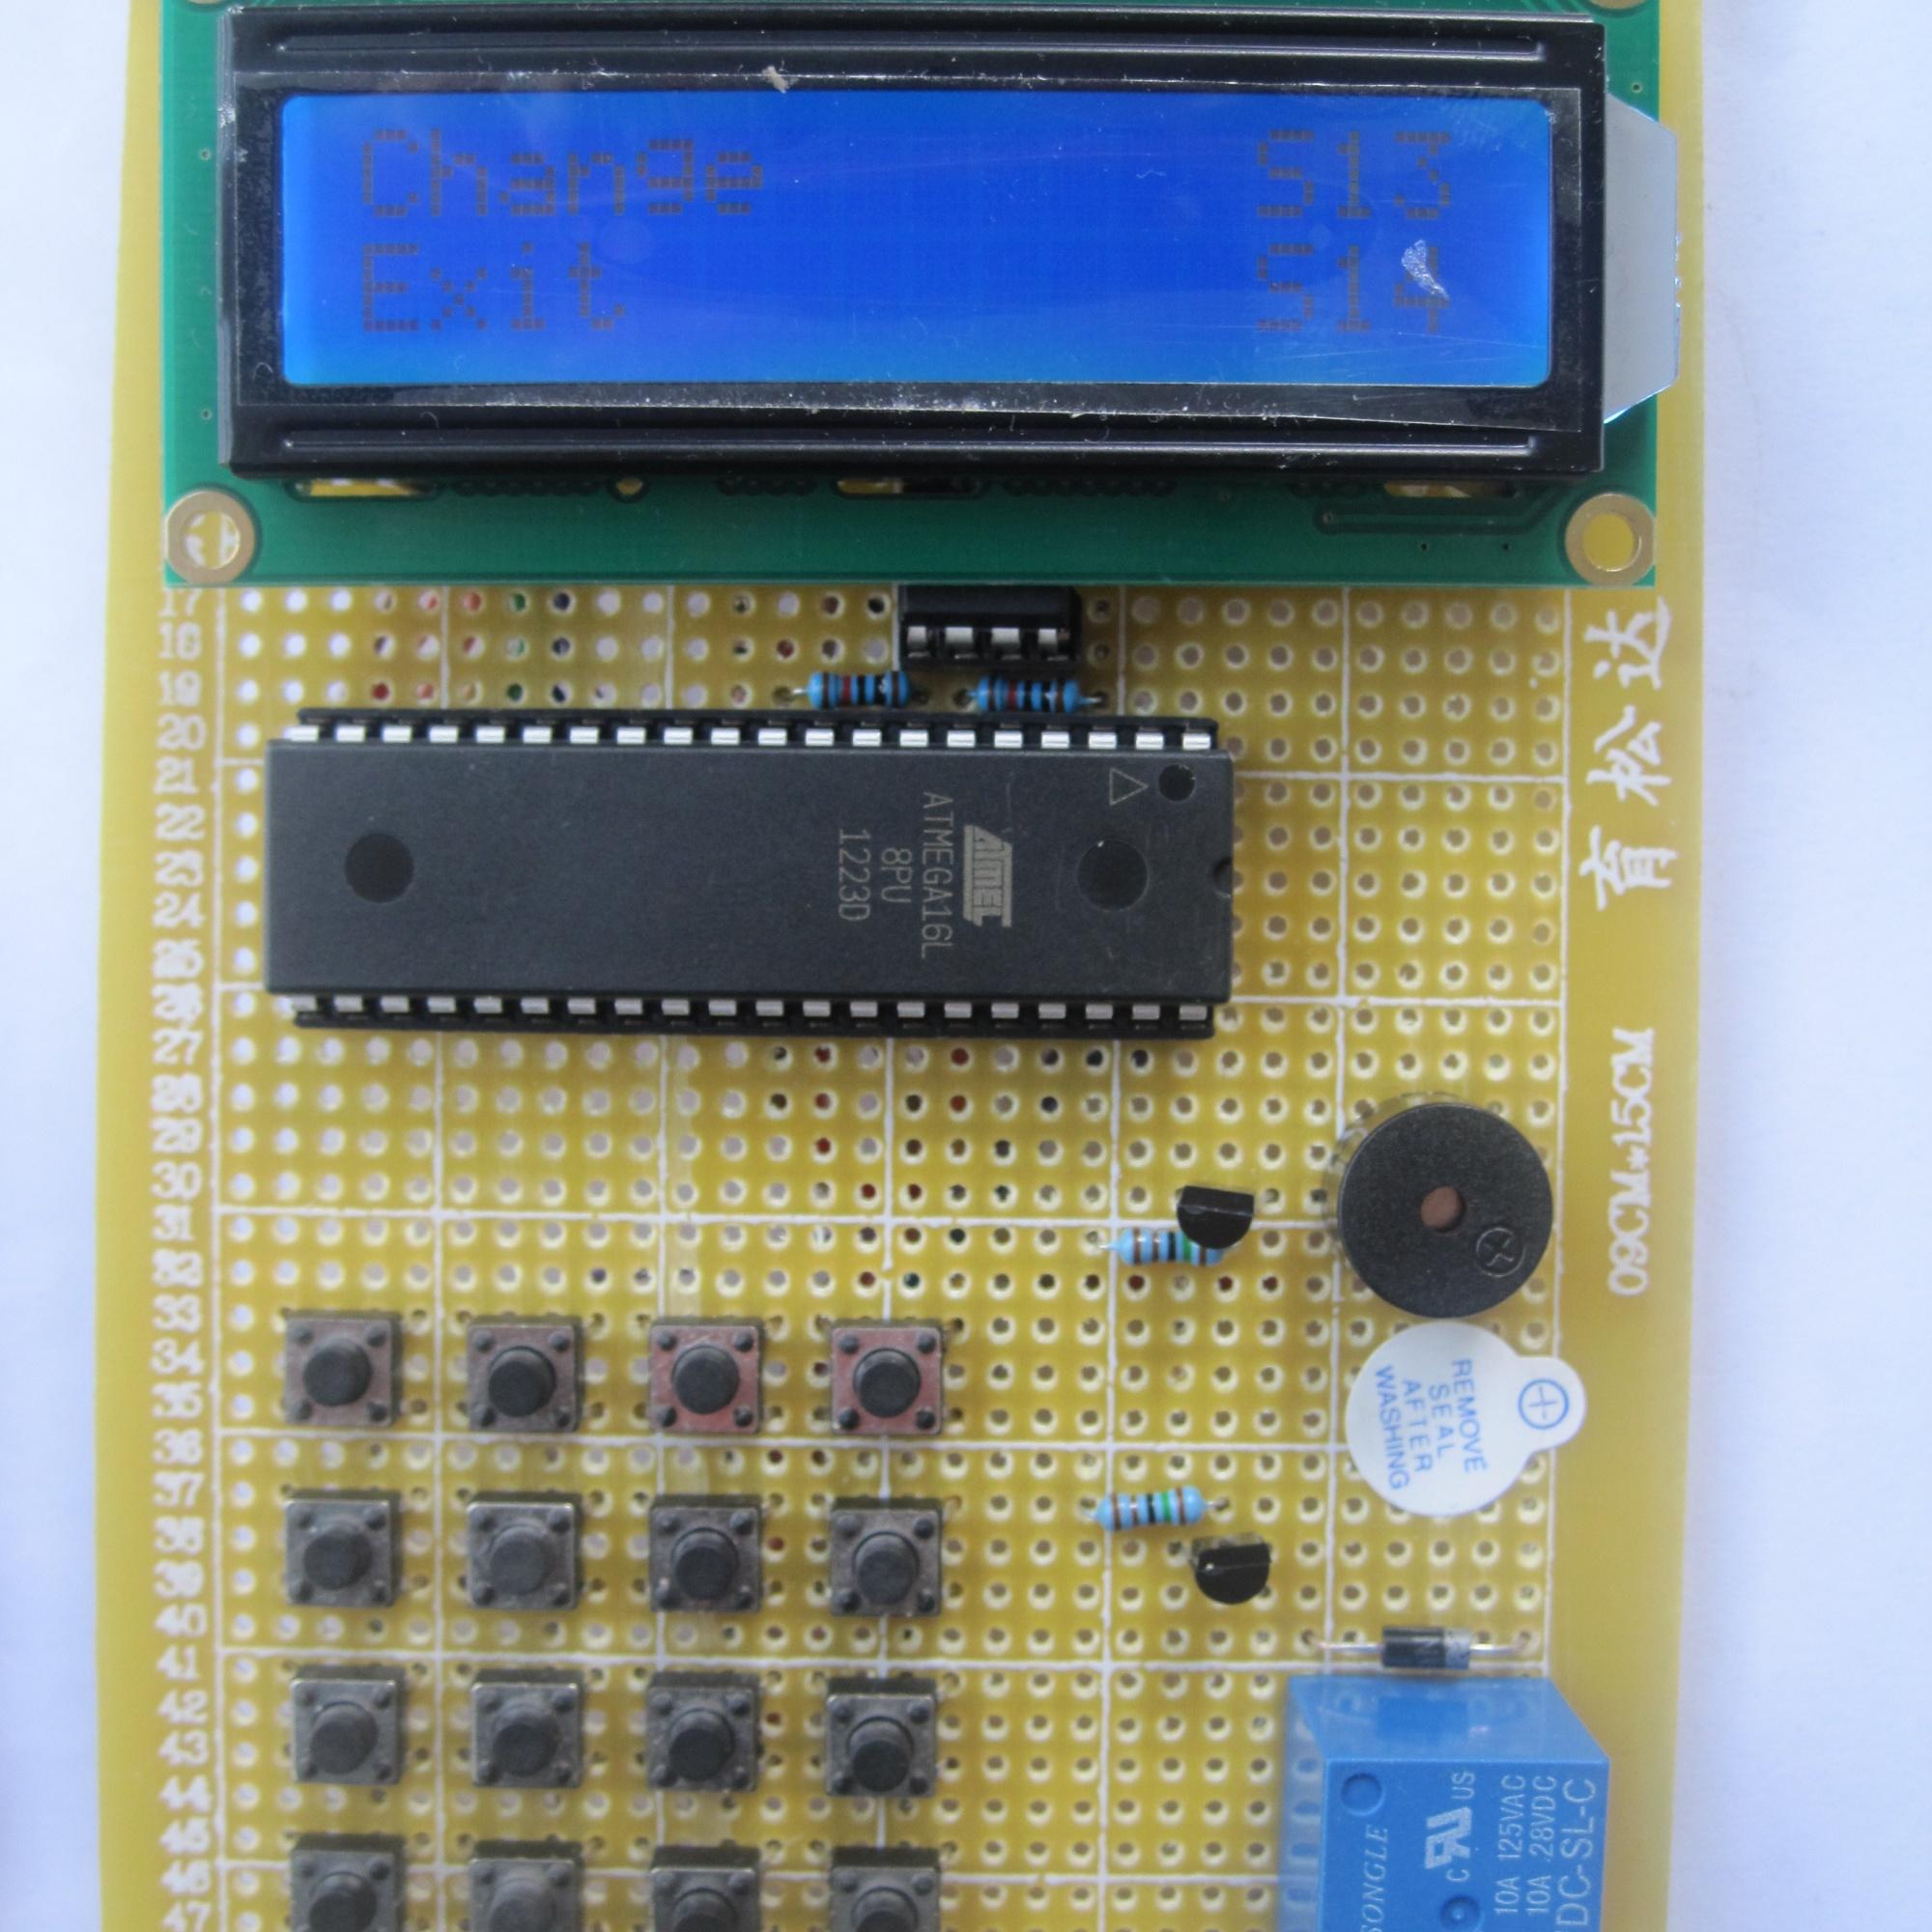 想在atmega16单片机上加一个GSM模块,请问需要选择哪种GSM模块???